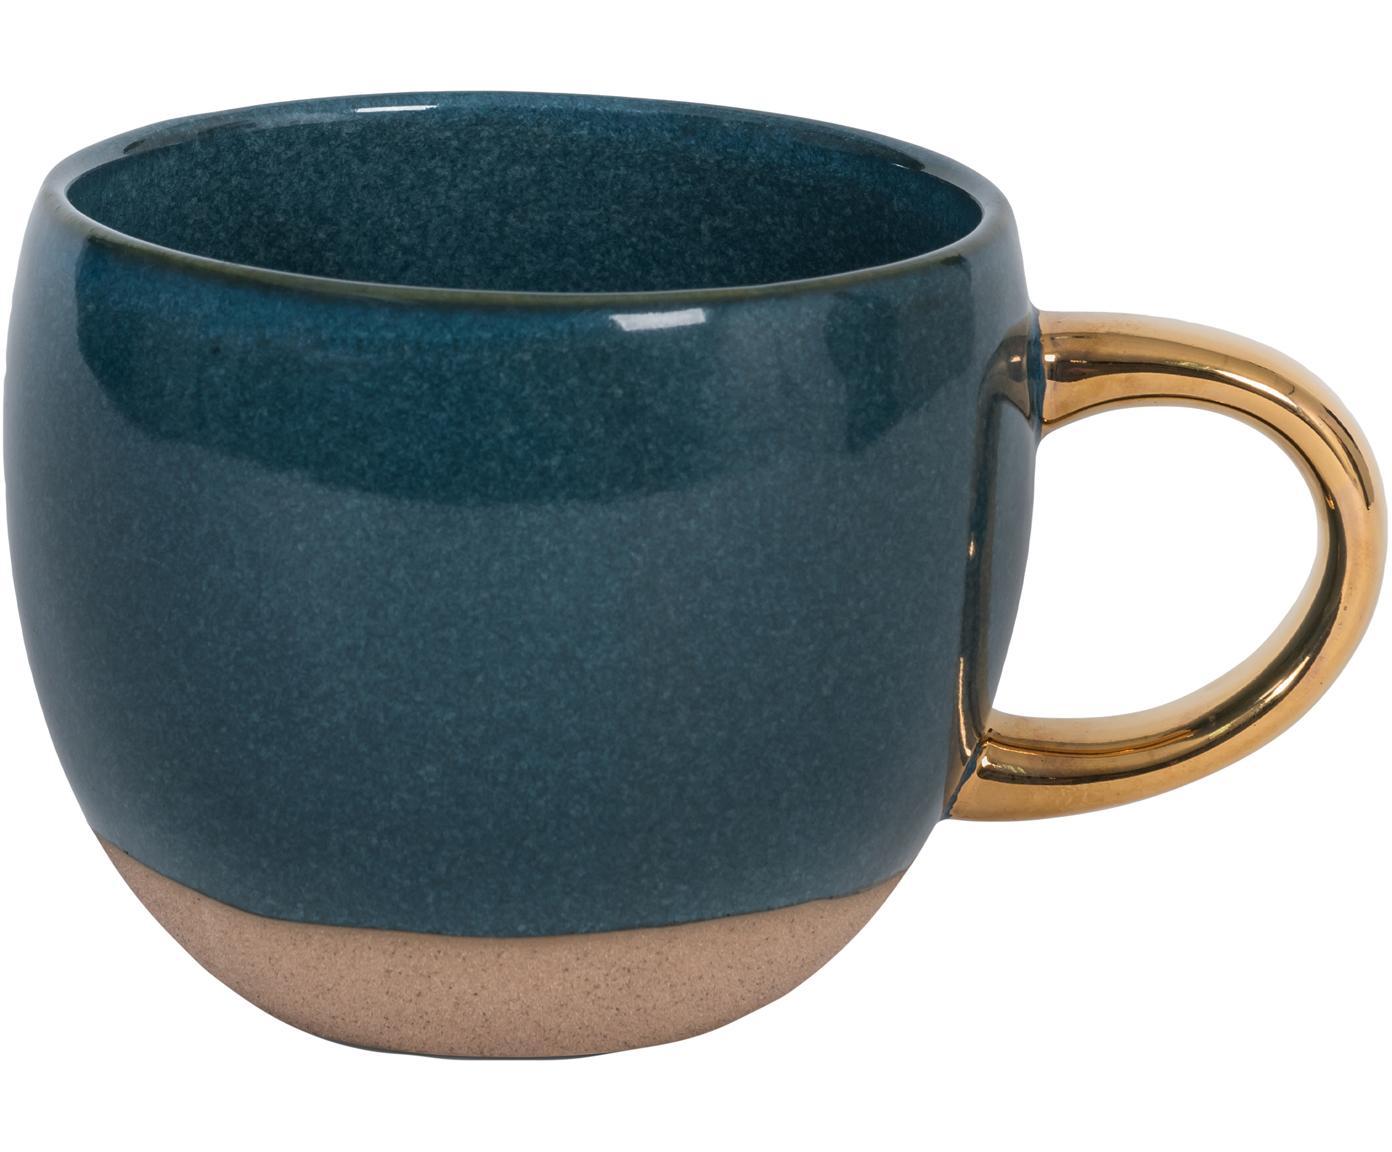 Koffiekopje Legion met goudkleurig handvat, Keramiek, Blauw, goudkleurig, Ø 11 cm